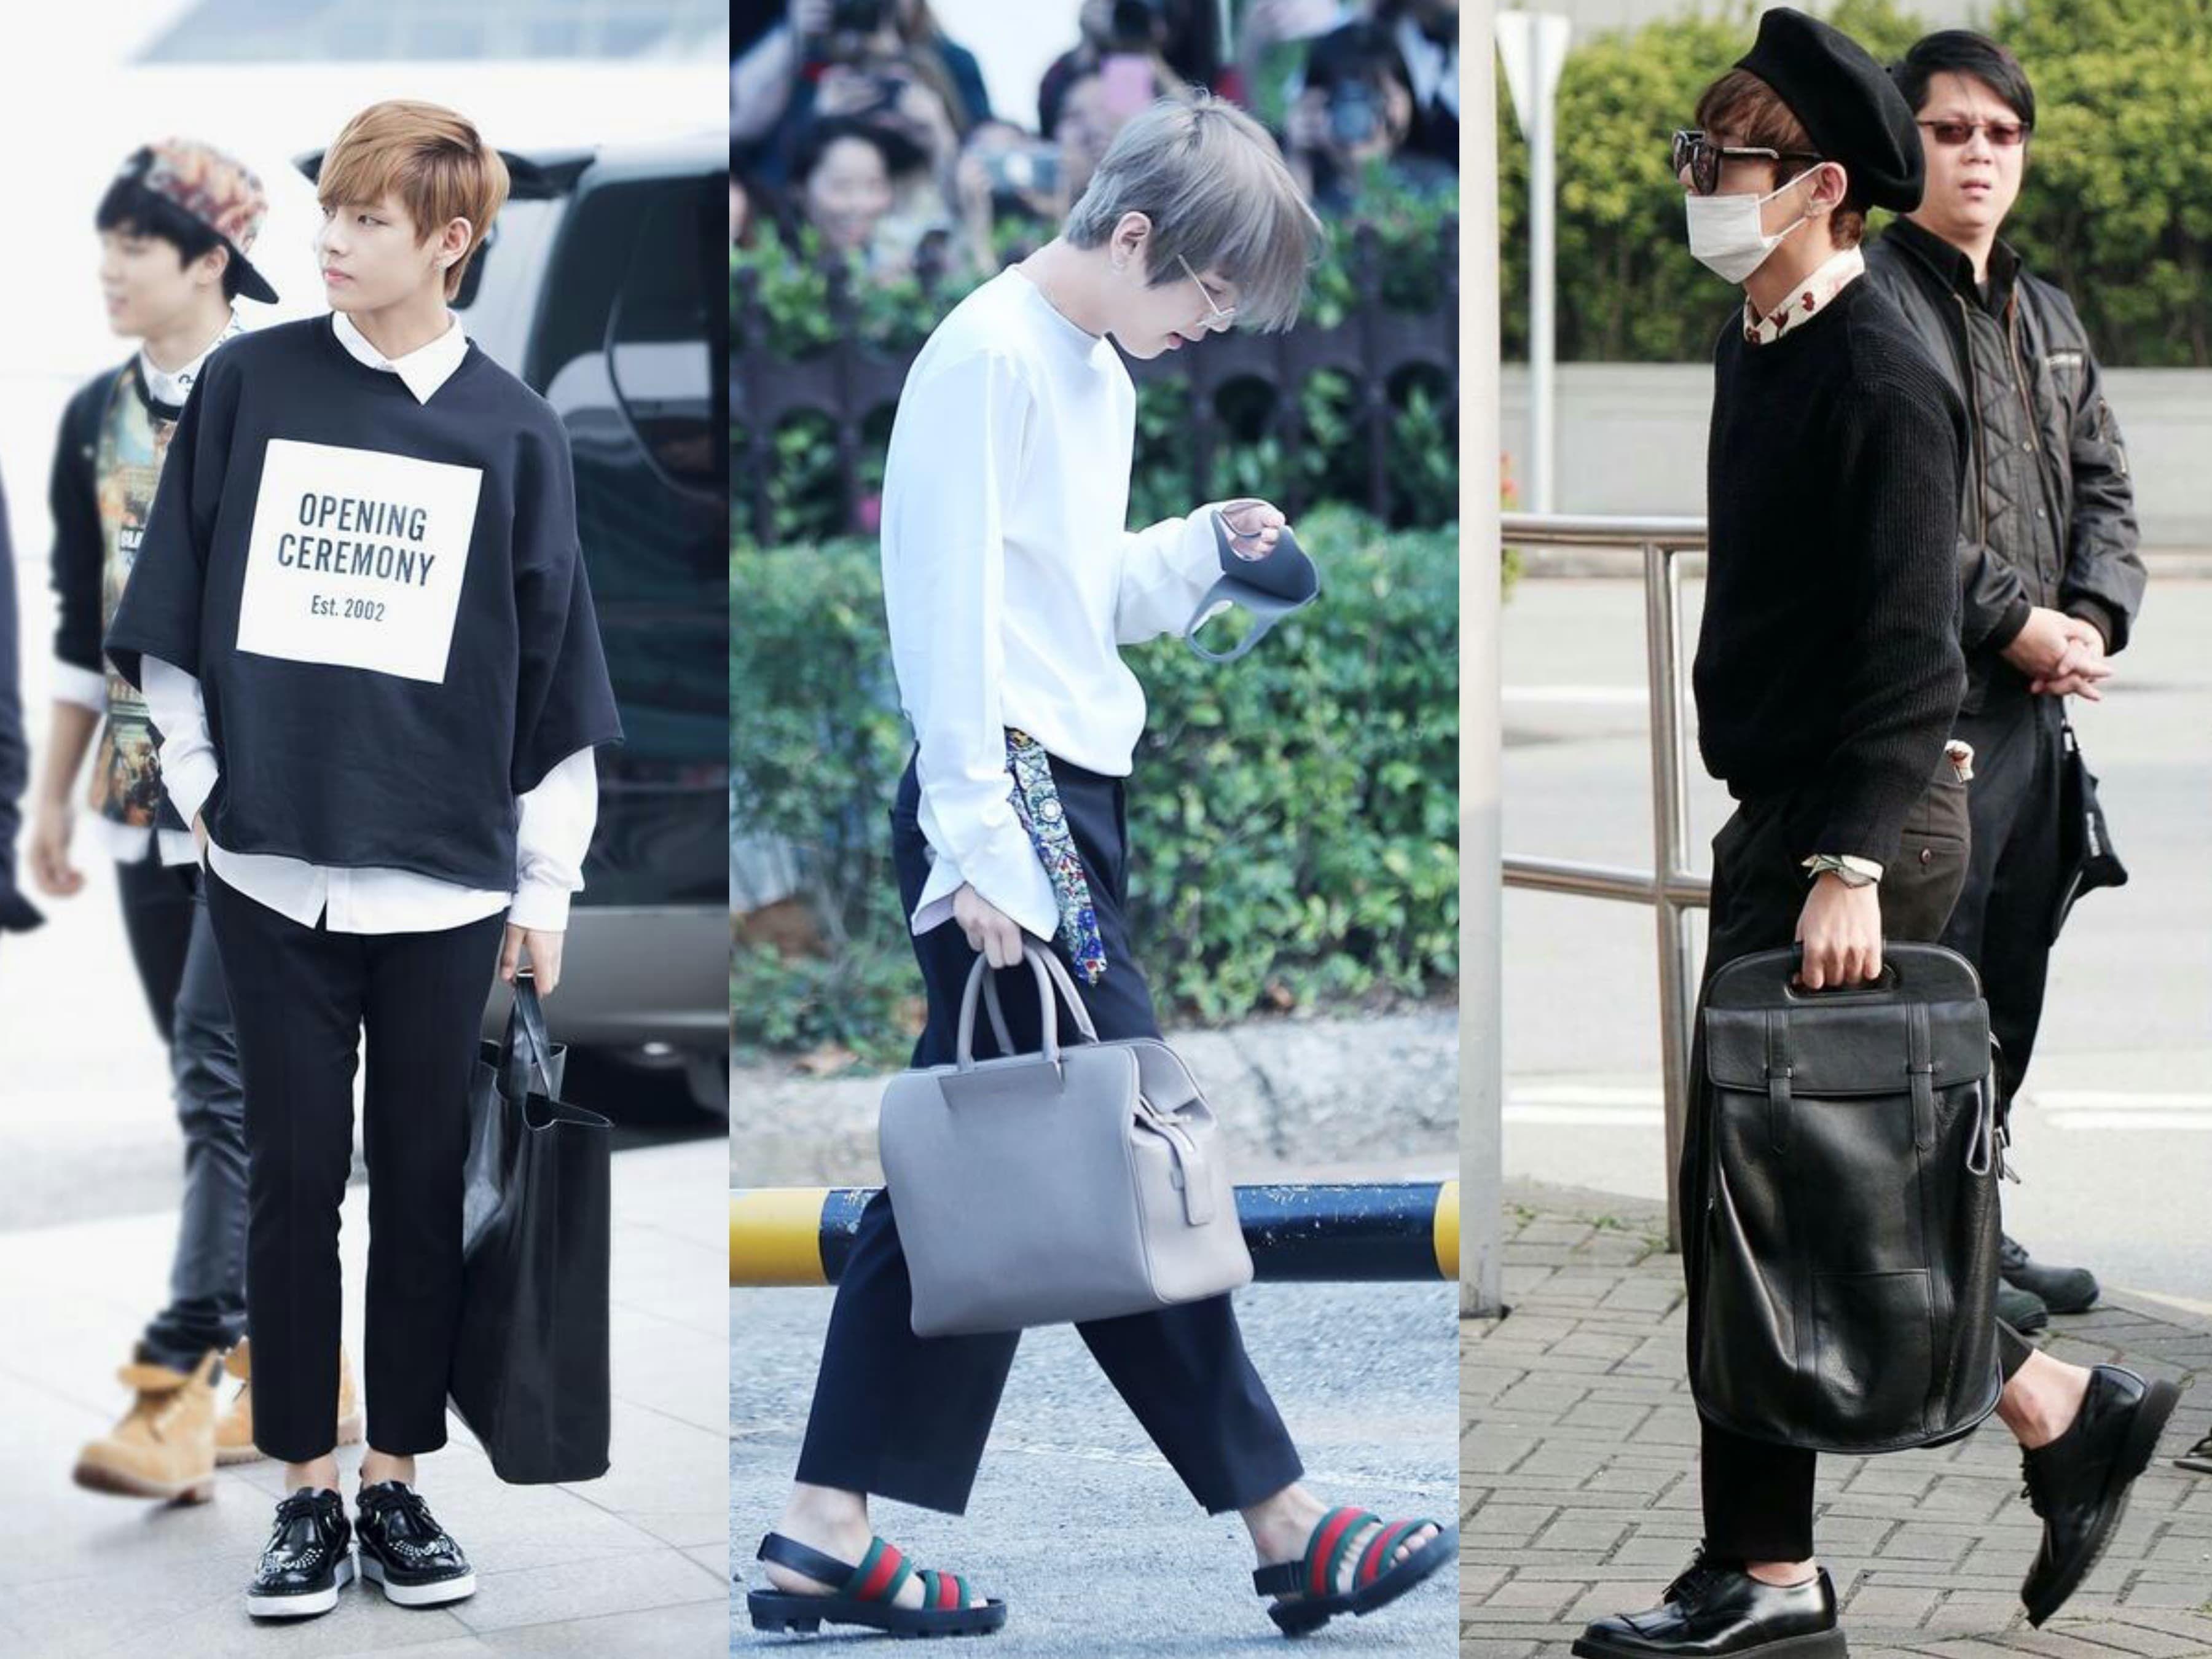 Kim Taehyung Fashion Style 2019 Bts K Pop Lugako Fashion Fashion Merchandising Bts Inspired Outfits